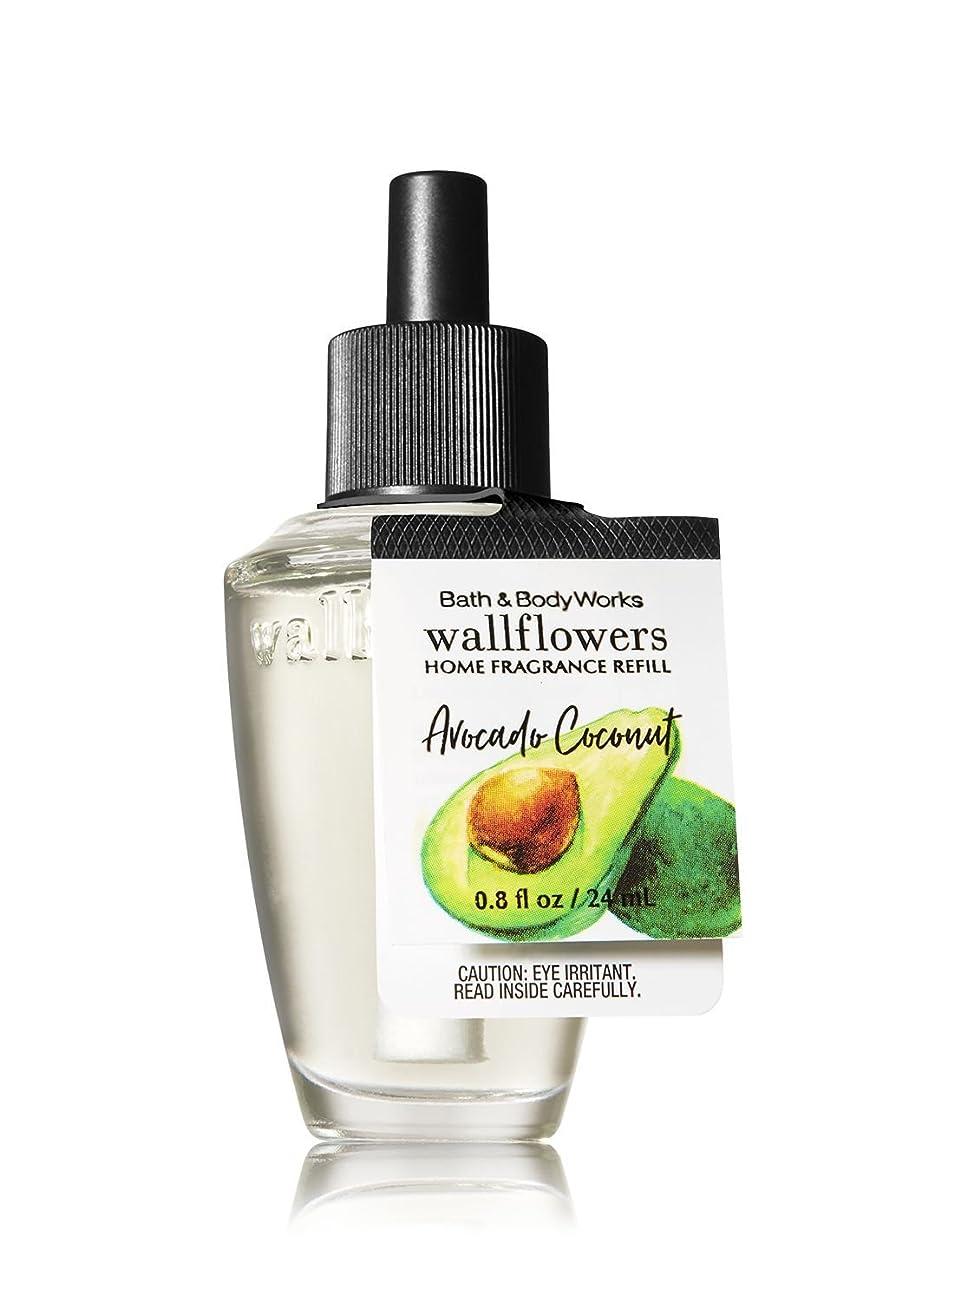 ヒール縁石好色な【Bath&Body Works/バス&ボディワークス】 ルームフレグランス 詰替えリフィル アボカドココナッツ Wallflowers Home Fragrance Refill Avocado Coconut [並行輸入品]